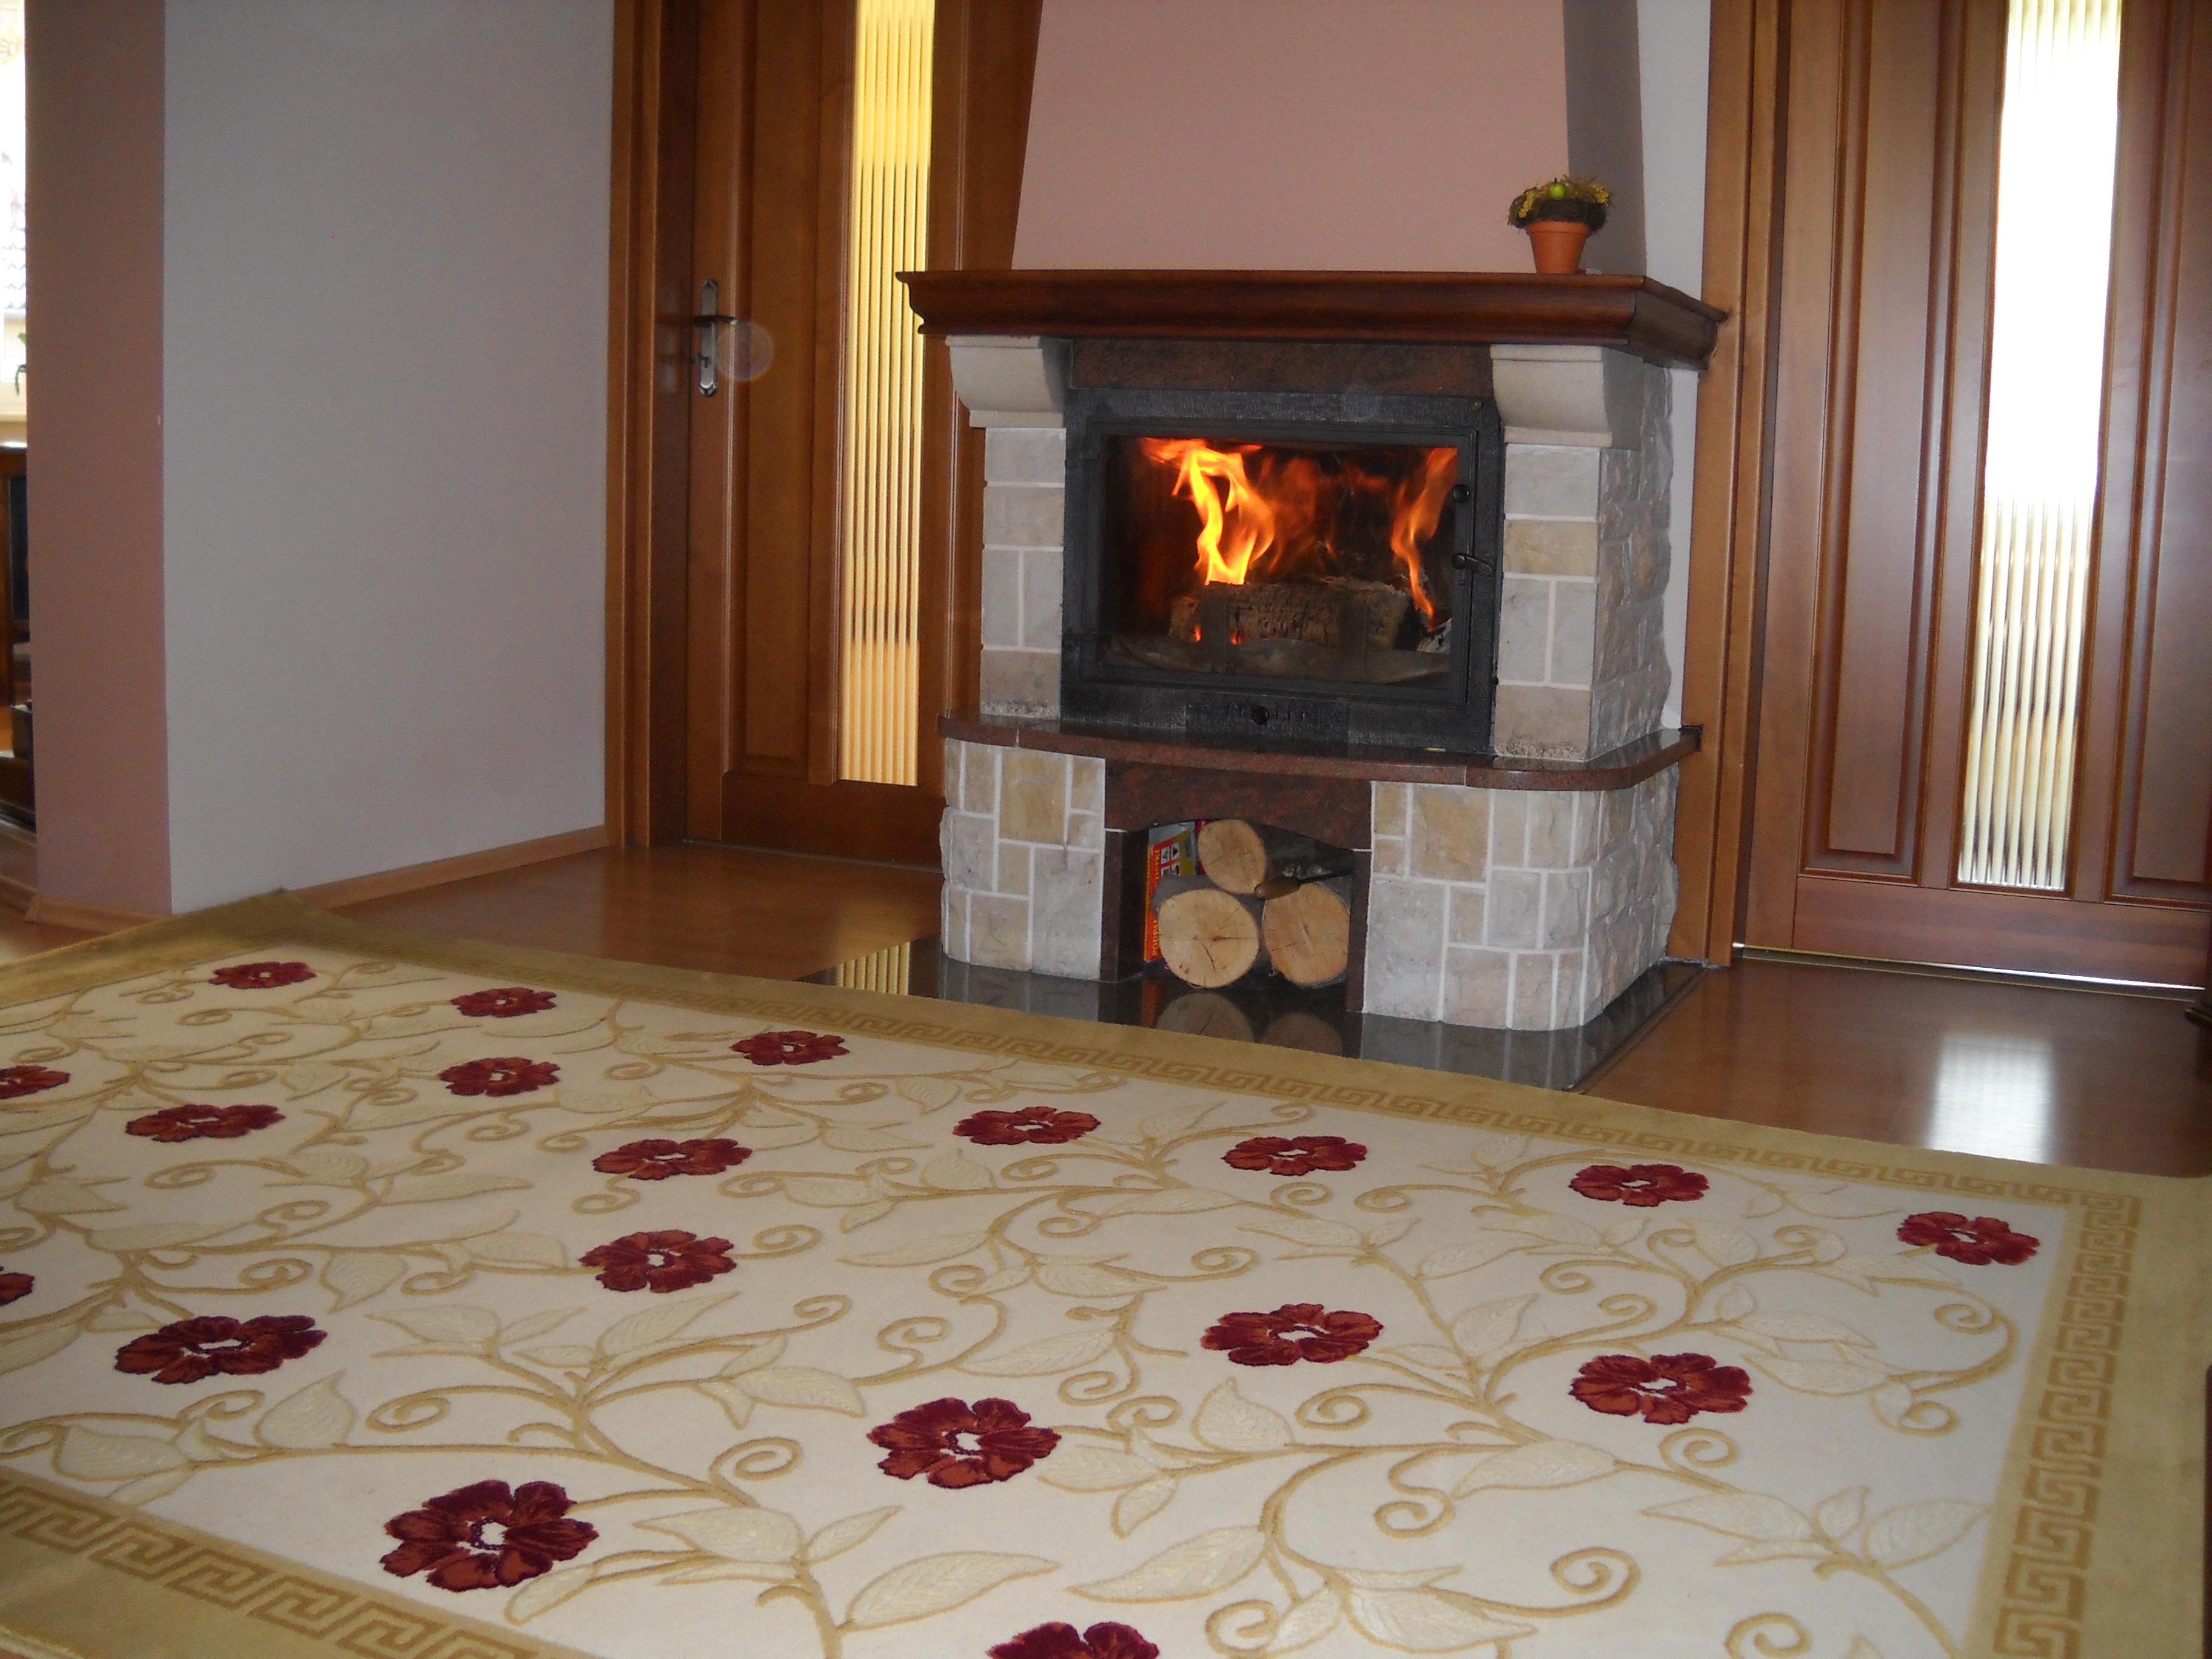 Konkurs na aranżację, Dywan Mozaika kwiatowa beż, dywan w kwiaty